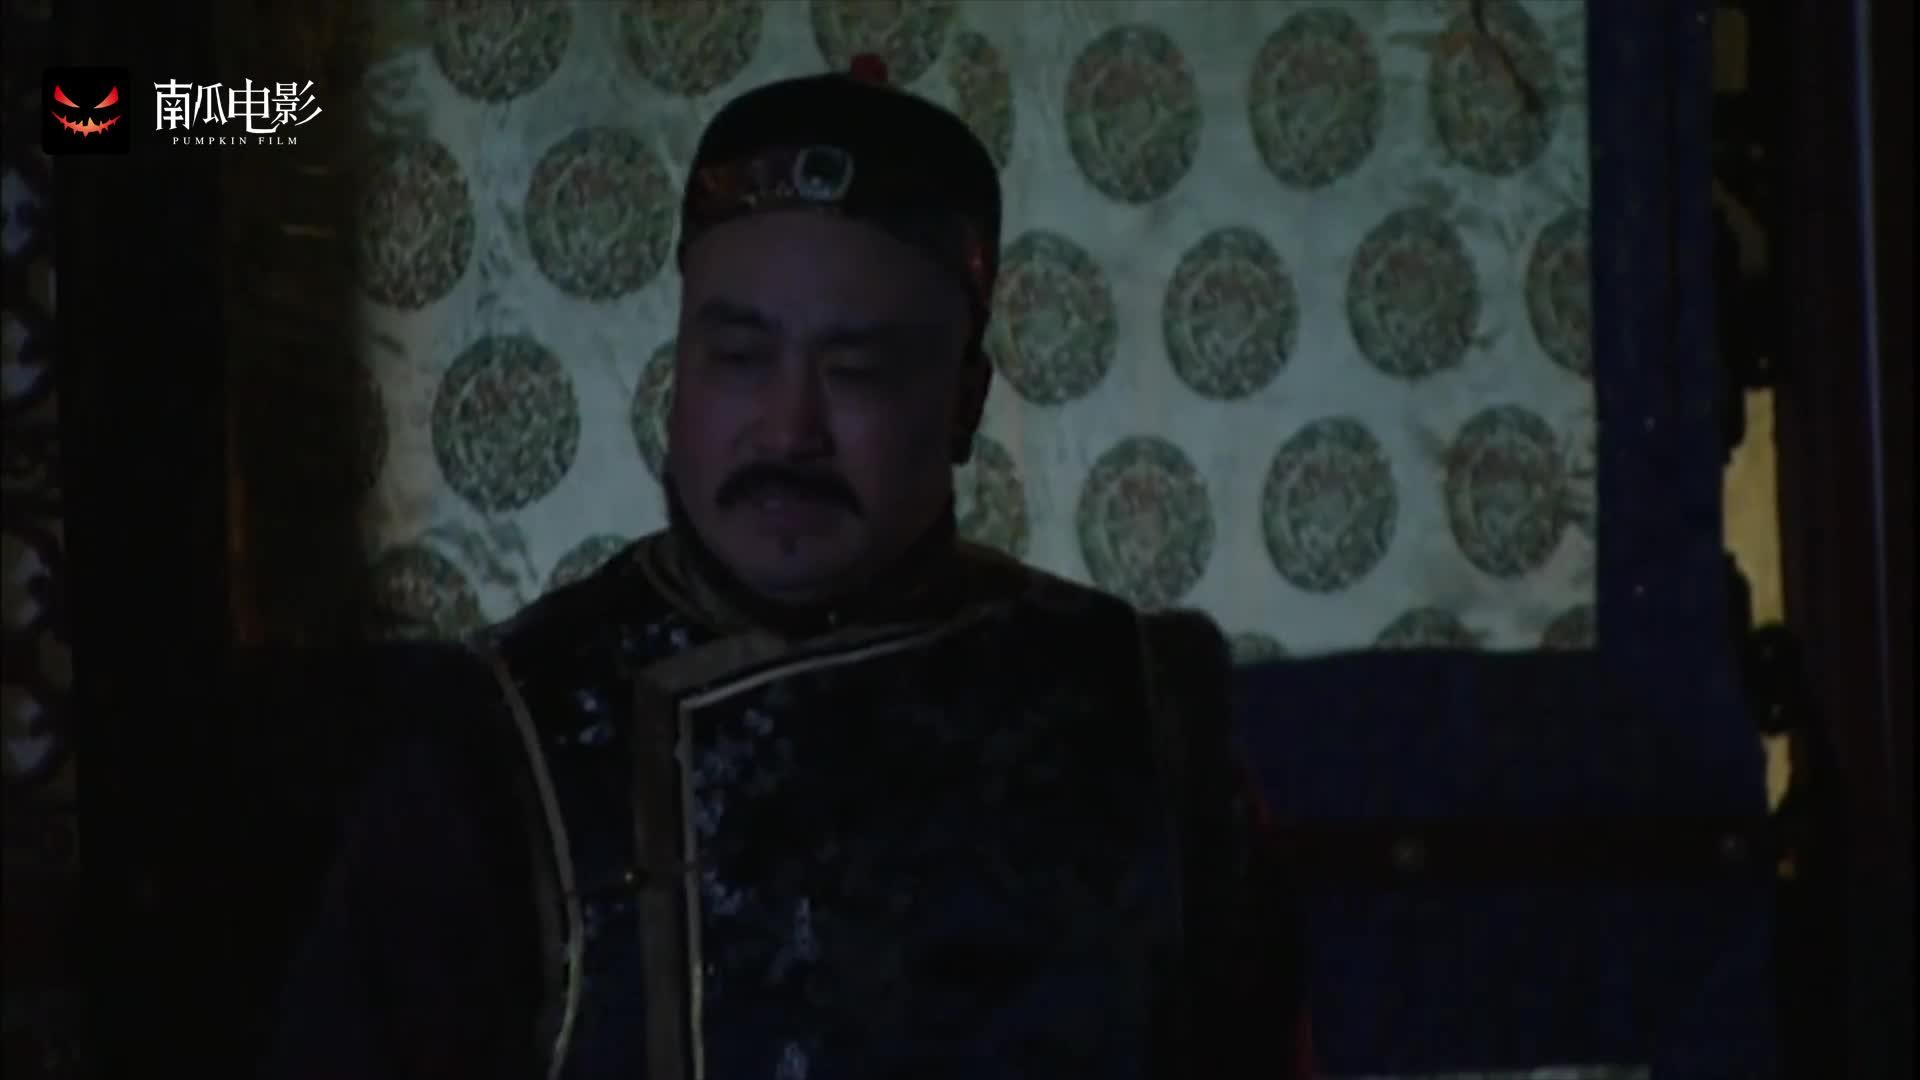 雍正王朝: 十三爷看不惯大阿哥小人得势, 当众顶撞, 结果凉了